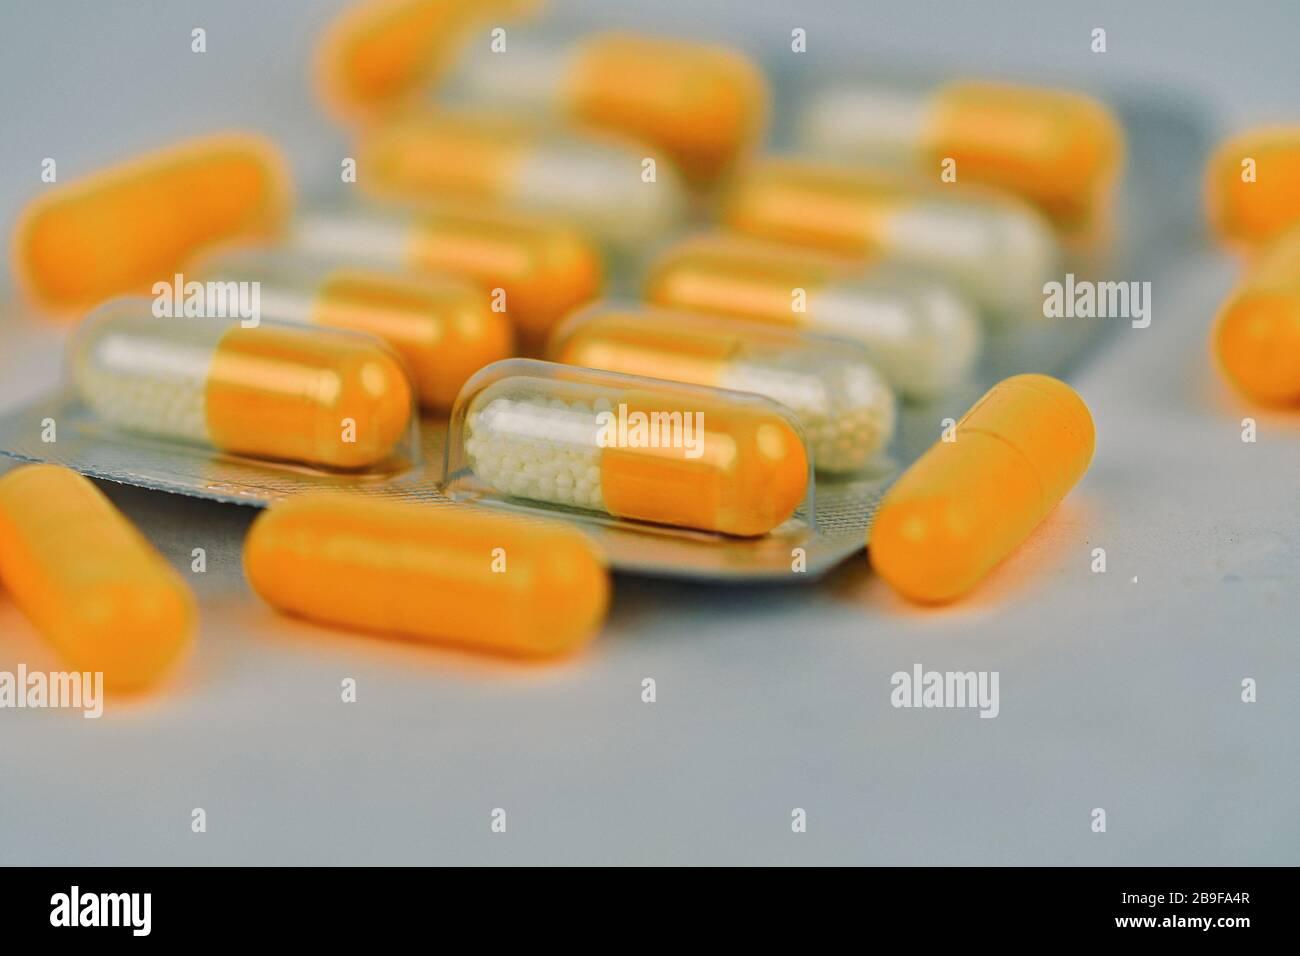 Verschiedene pharmazeutische Arzneipillen und Kapseln. Hintergrund der Pillen. Haufen verschiedener Medizinstabletten und Pillen in verschiedenen Farben auf Weiß B. Stockfoto